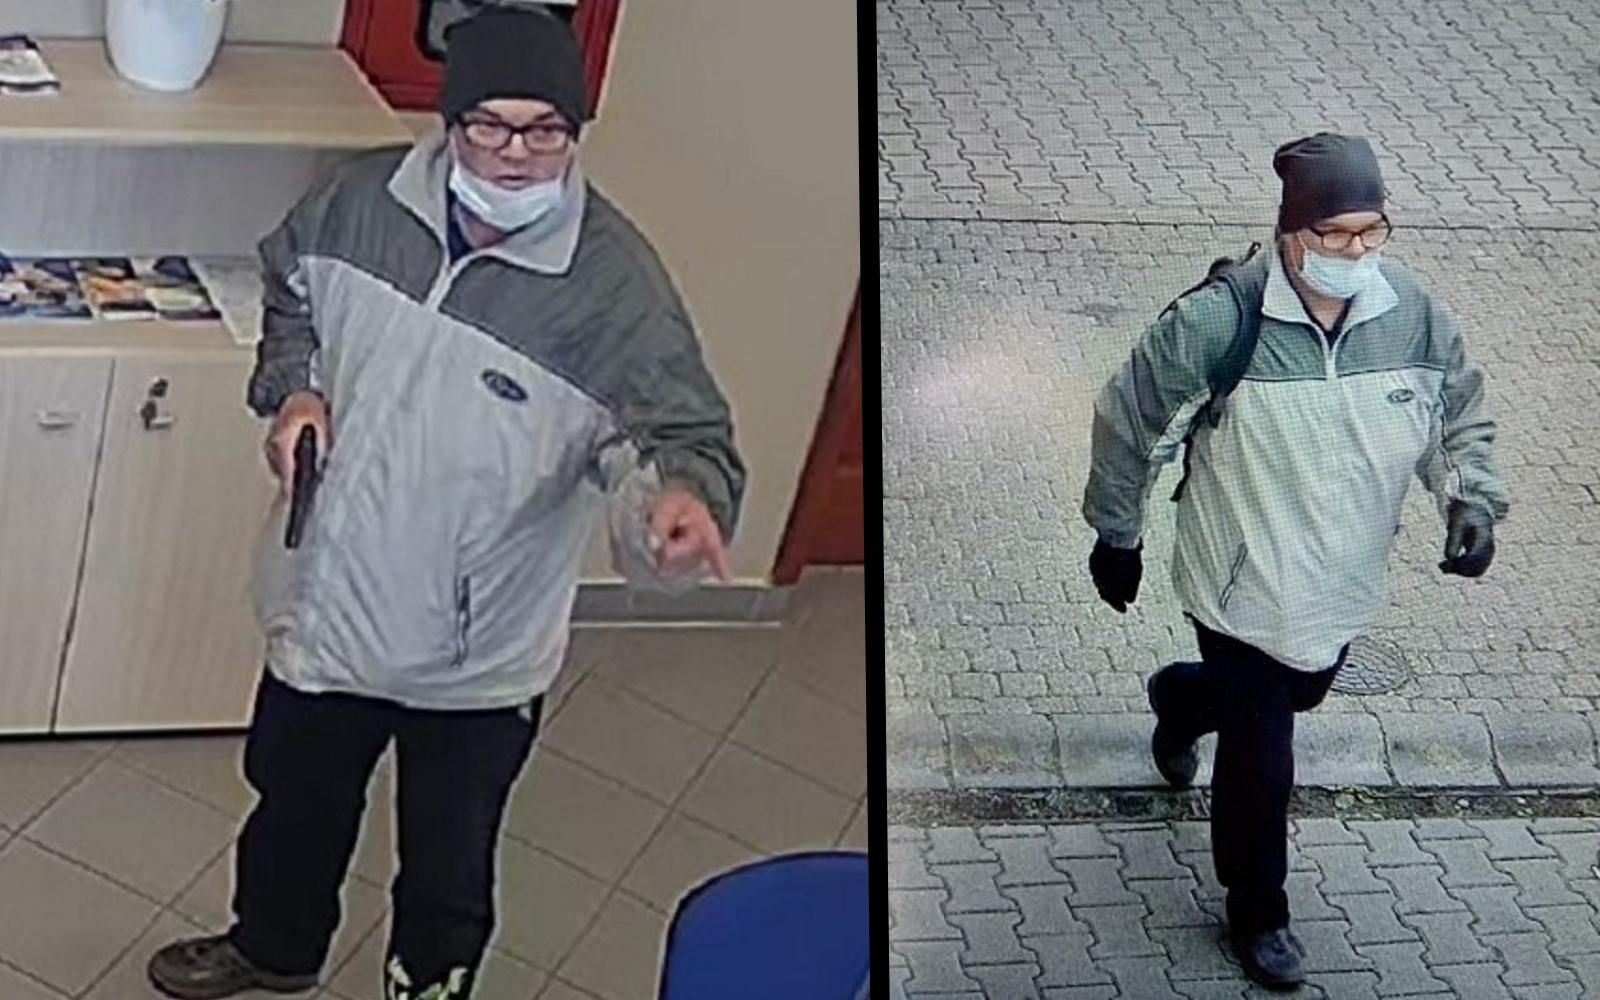 Még mindig keresik a rendőrök a pécsi szájmaszkos bankrablót